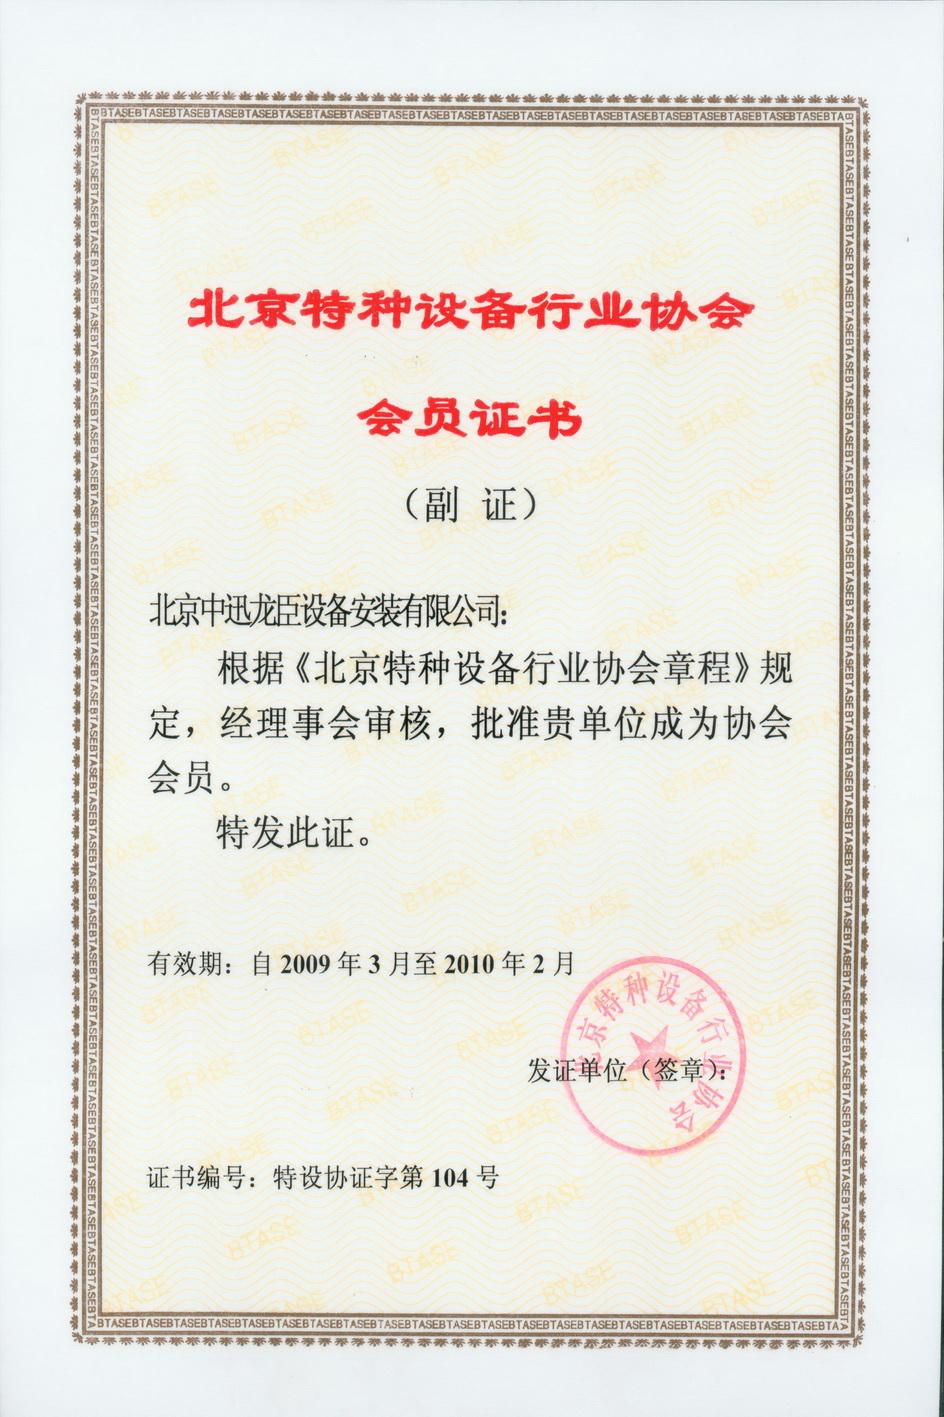 09年必威特种设备行业协会会员证书